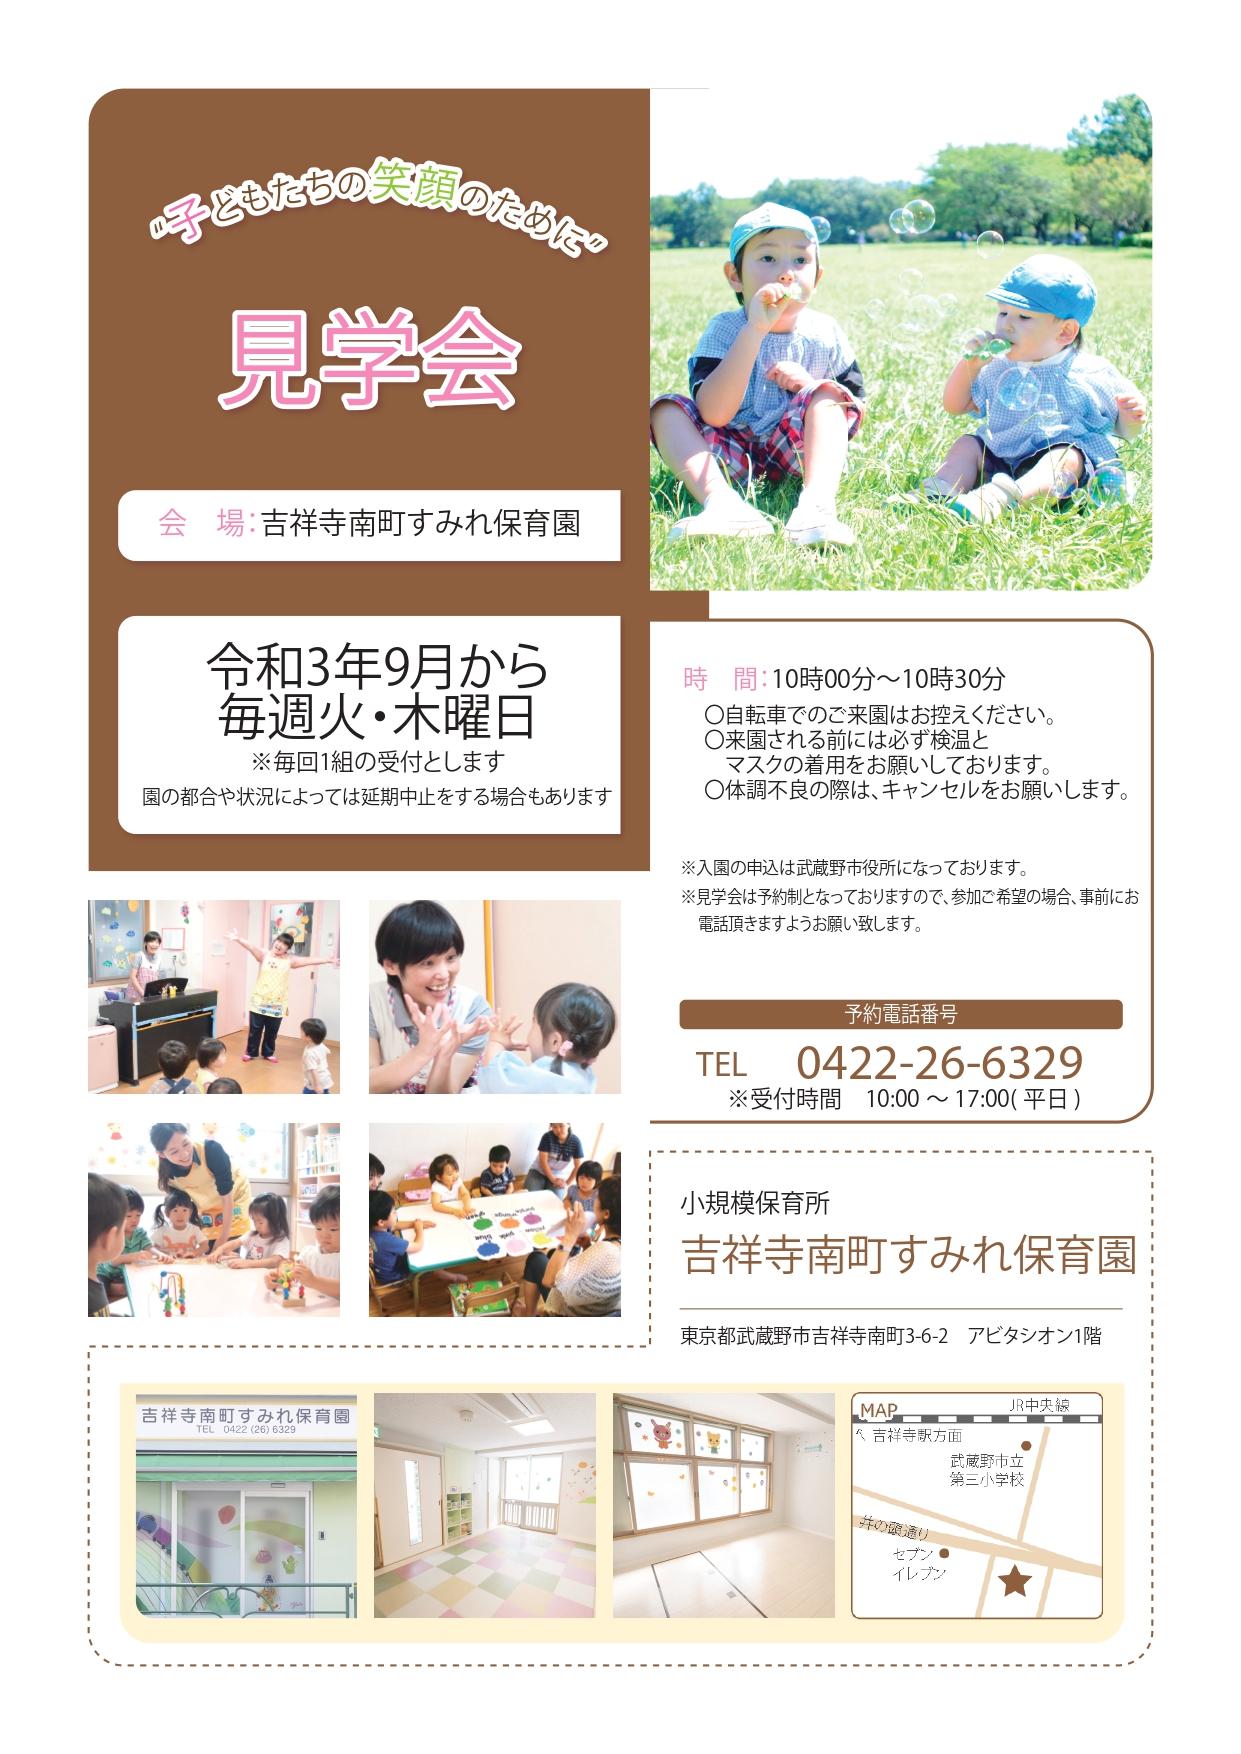 吉祥寺南町見学会R4向け_page-0001